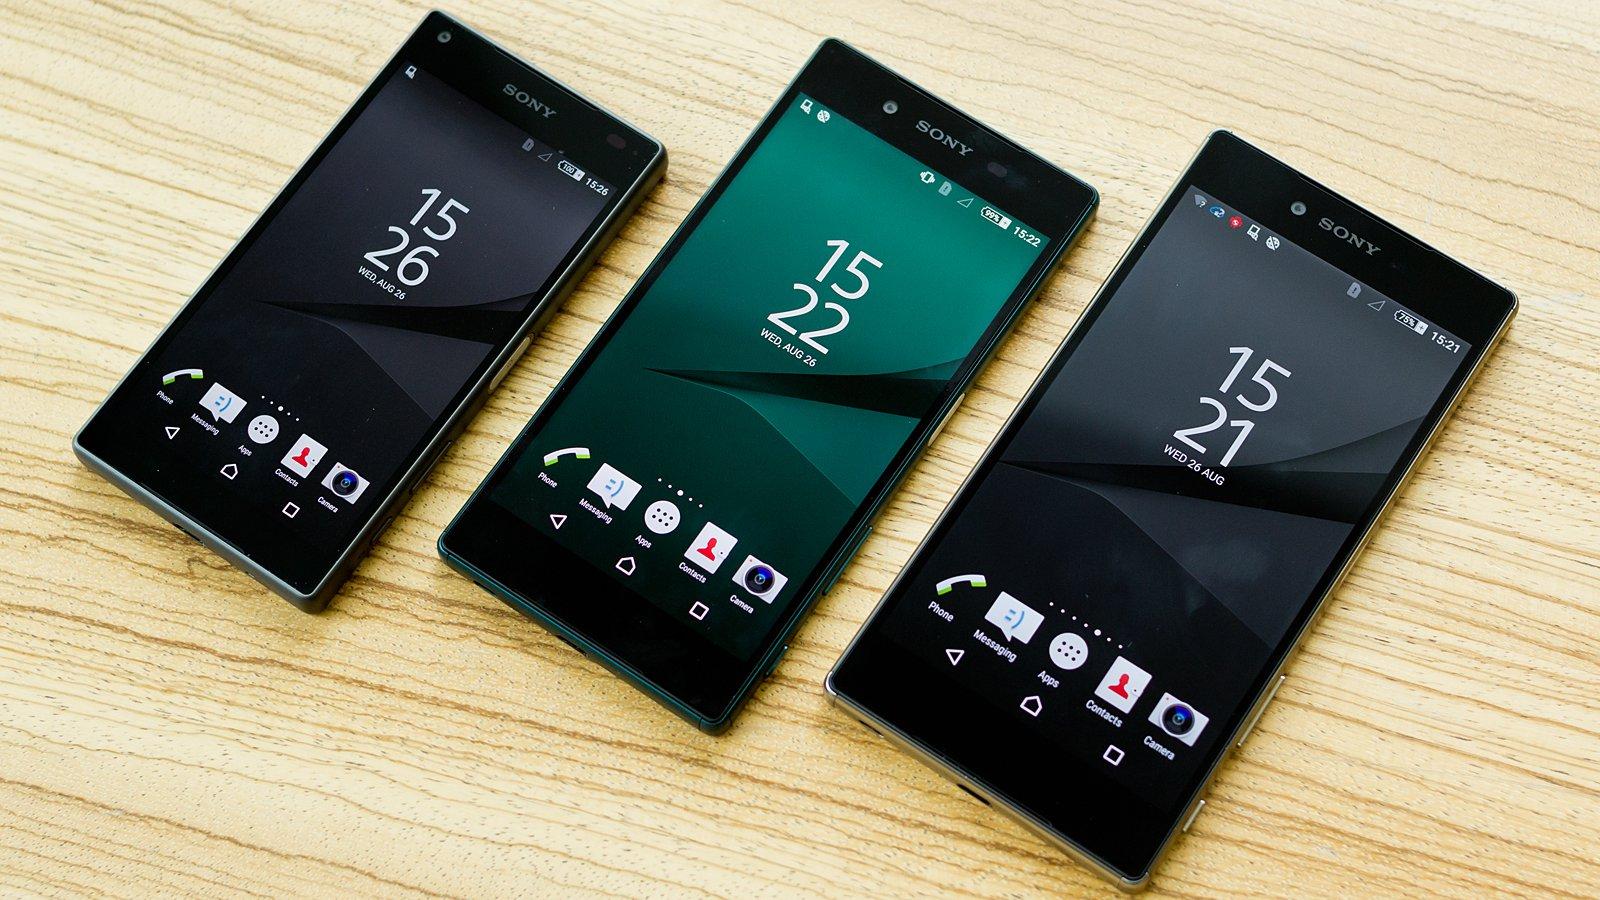 مراجعة للهاتف المحمول Sony Xperia Z5